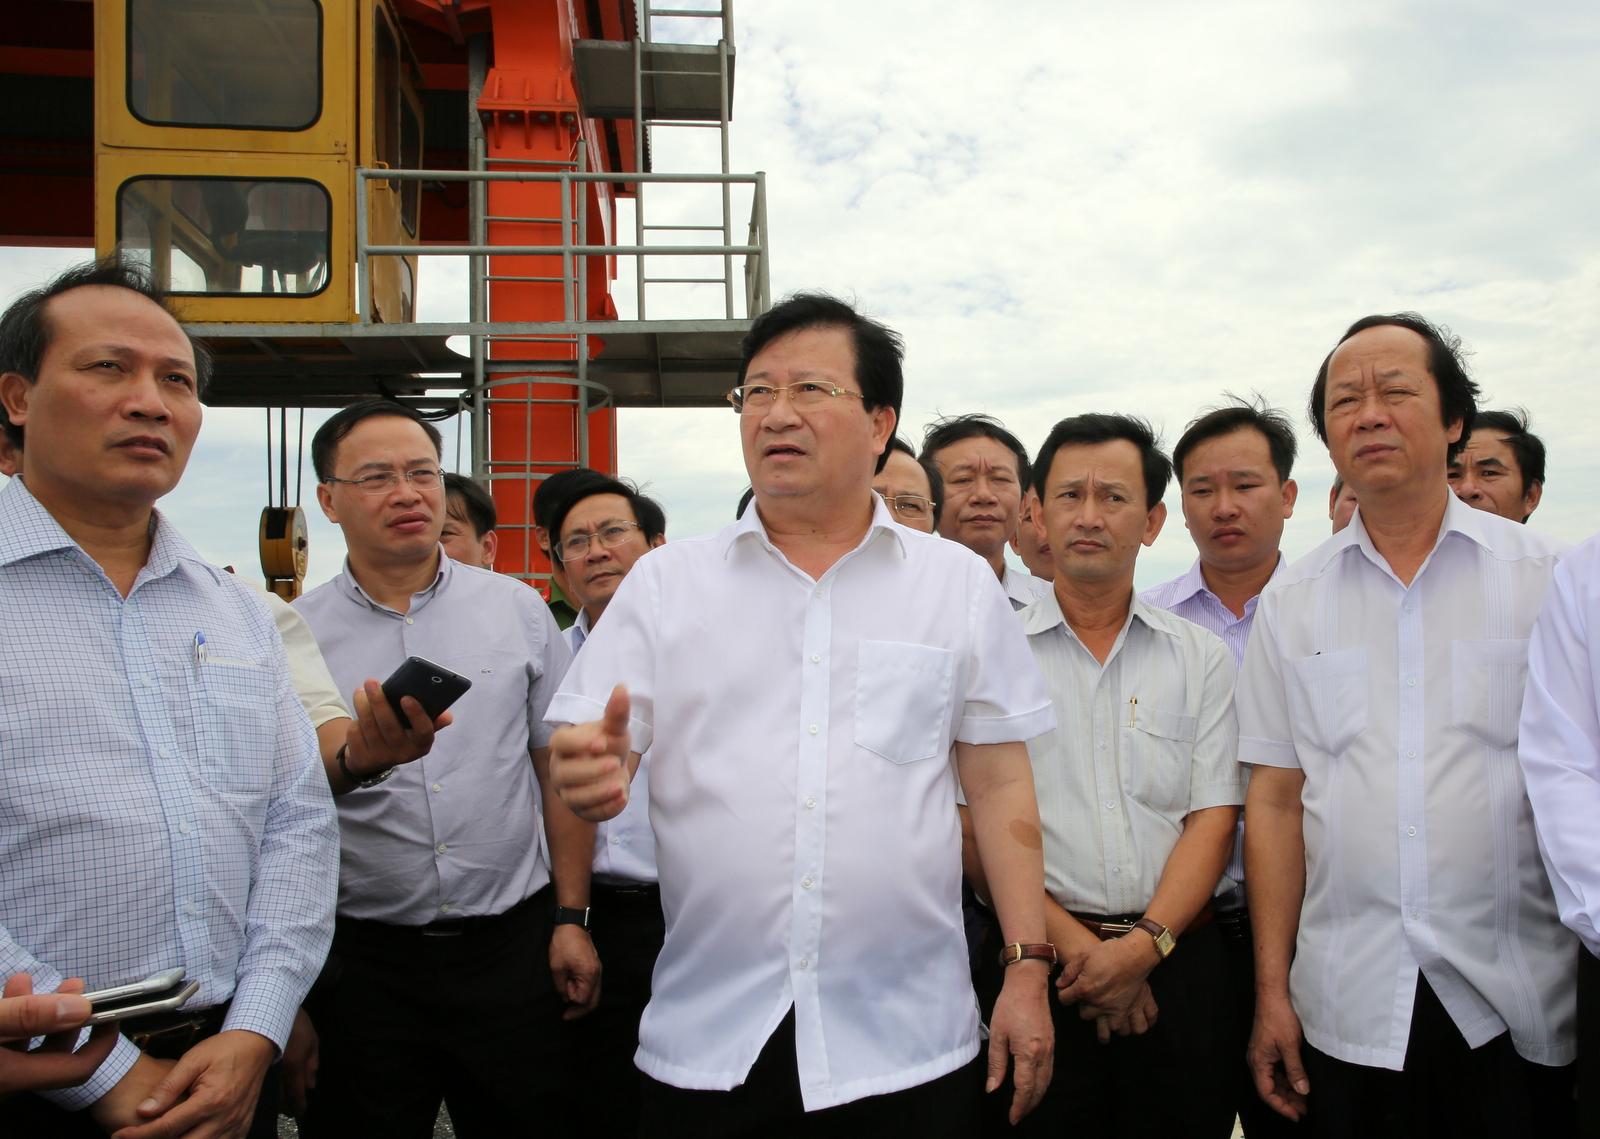 Phó Thủ tướng Trịnh Đình Dũng thị sát nhà máy thủy điện An Khê – Ka Nak